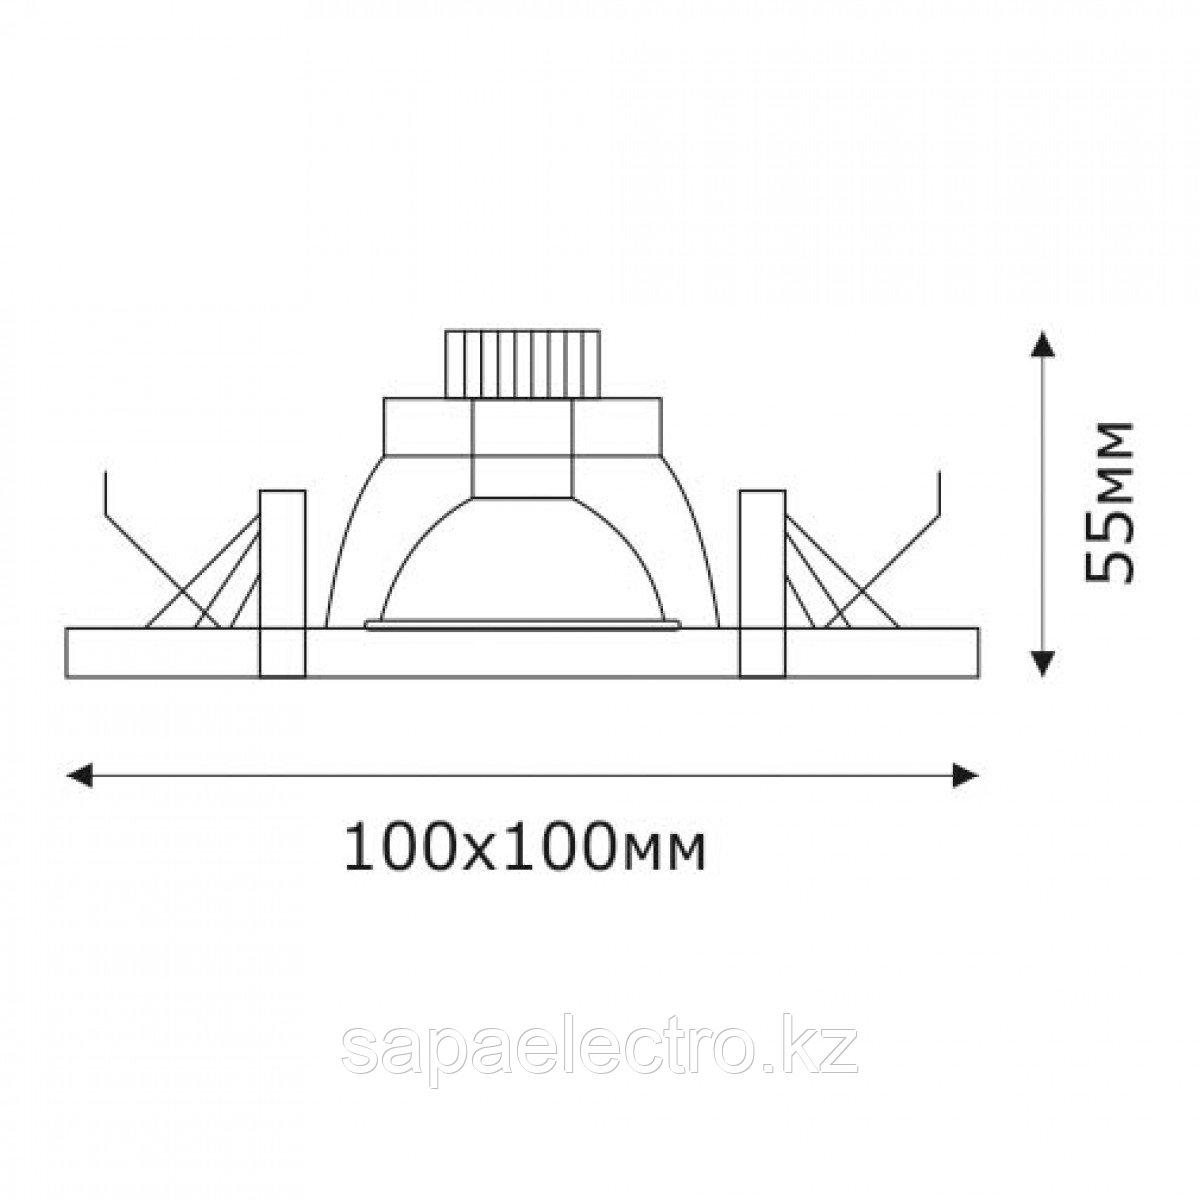 Спот LED QX GOLD SQUARE 3W 5000K (TS) 60шт